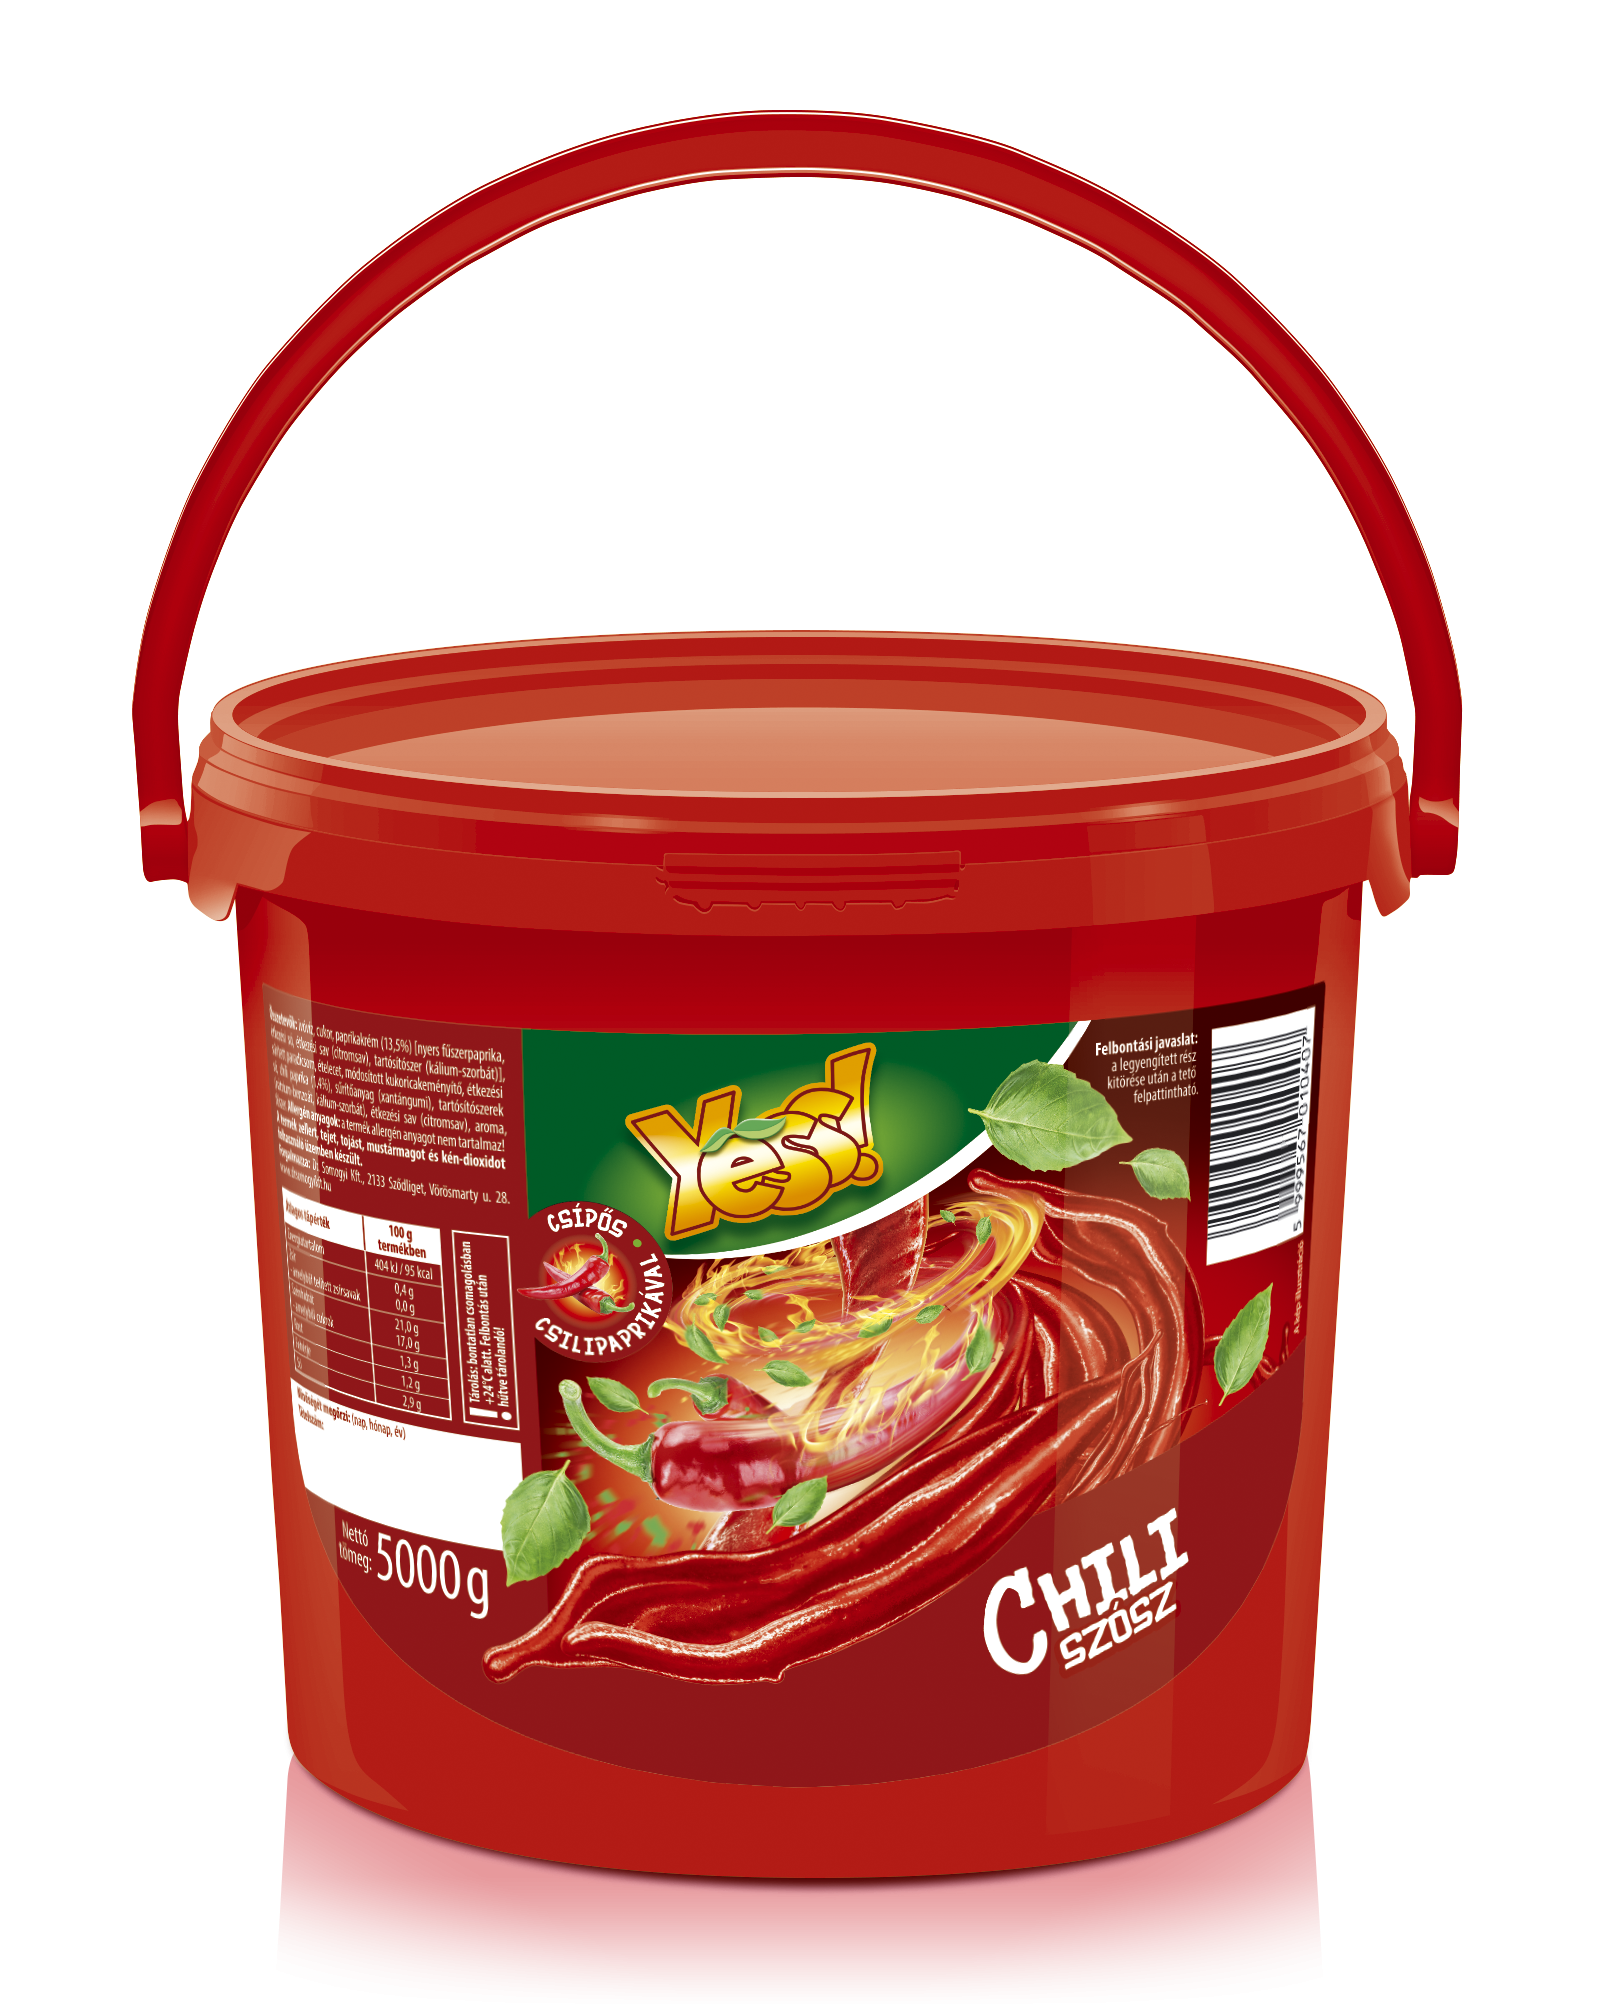 Chili szósz vödrös Yess 5kg